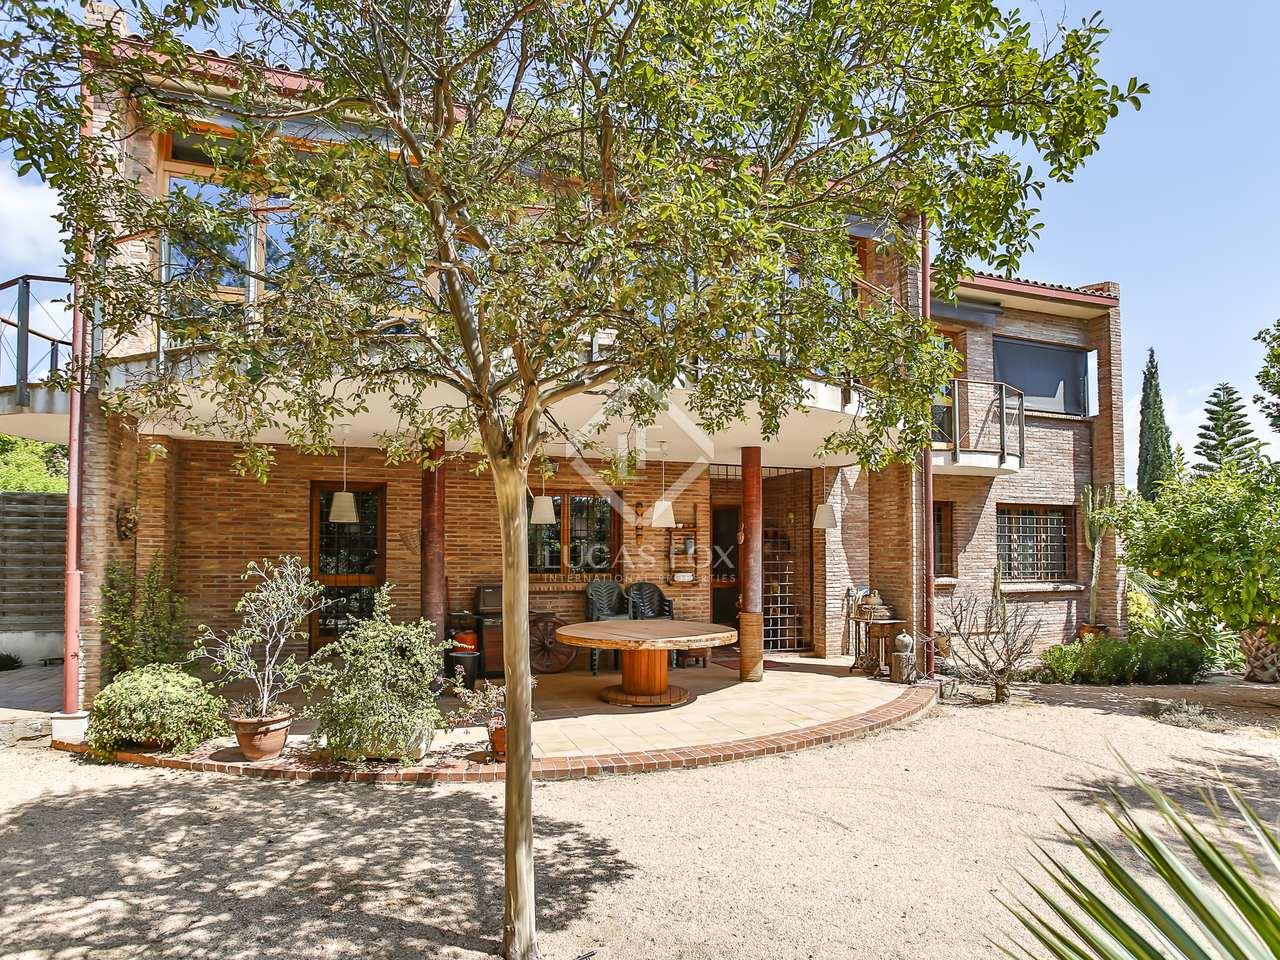 320 m² house with 600 m² garden for rent in Vilanova i la Geltrú